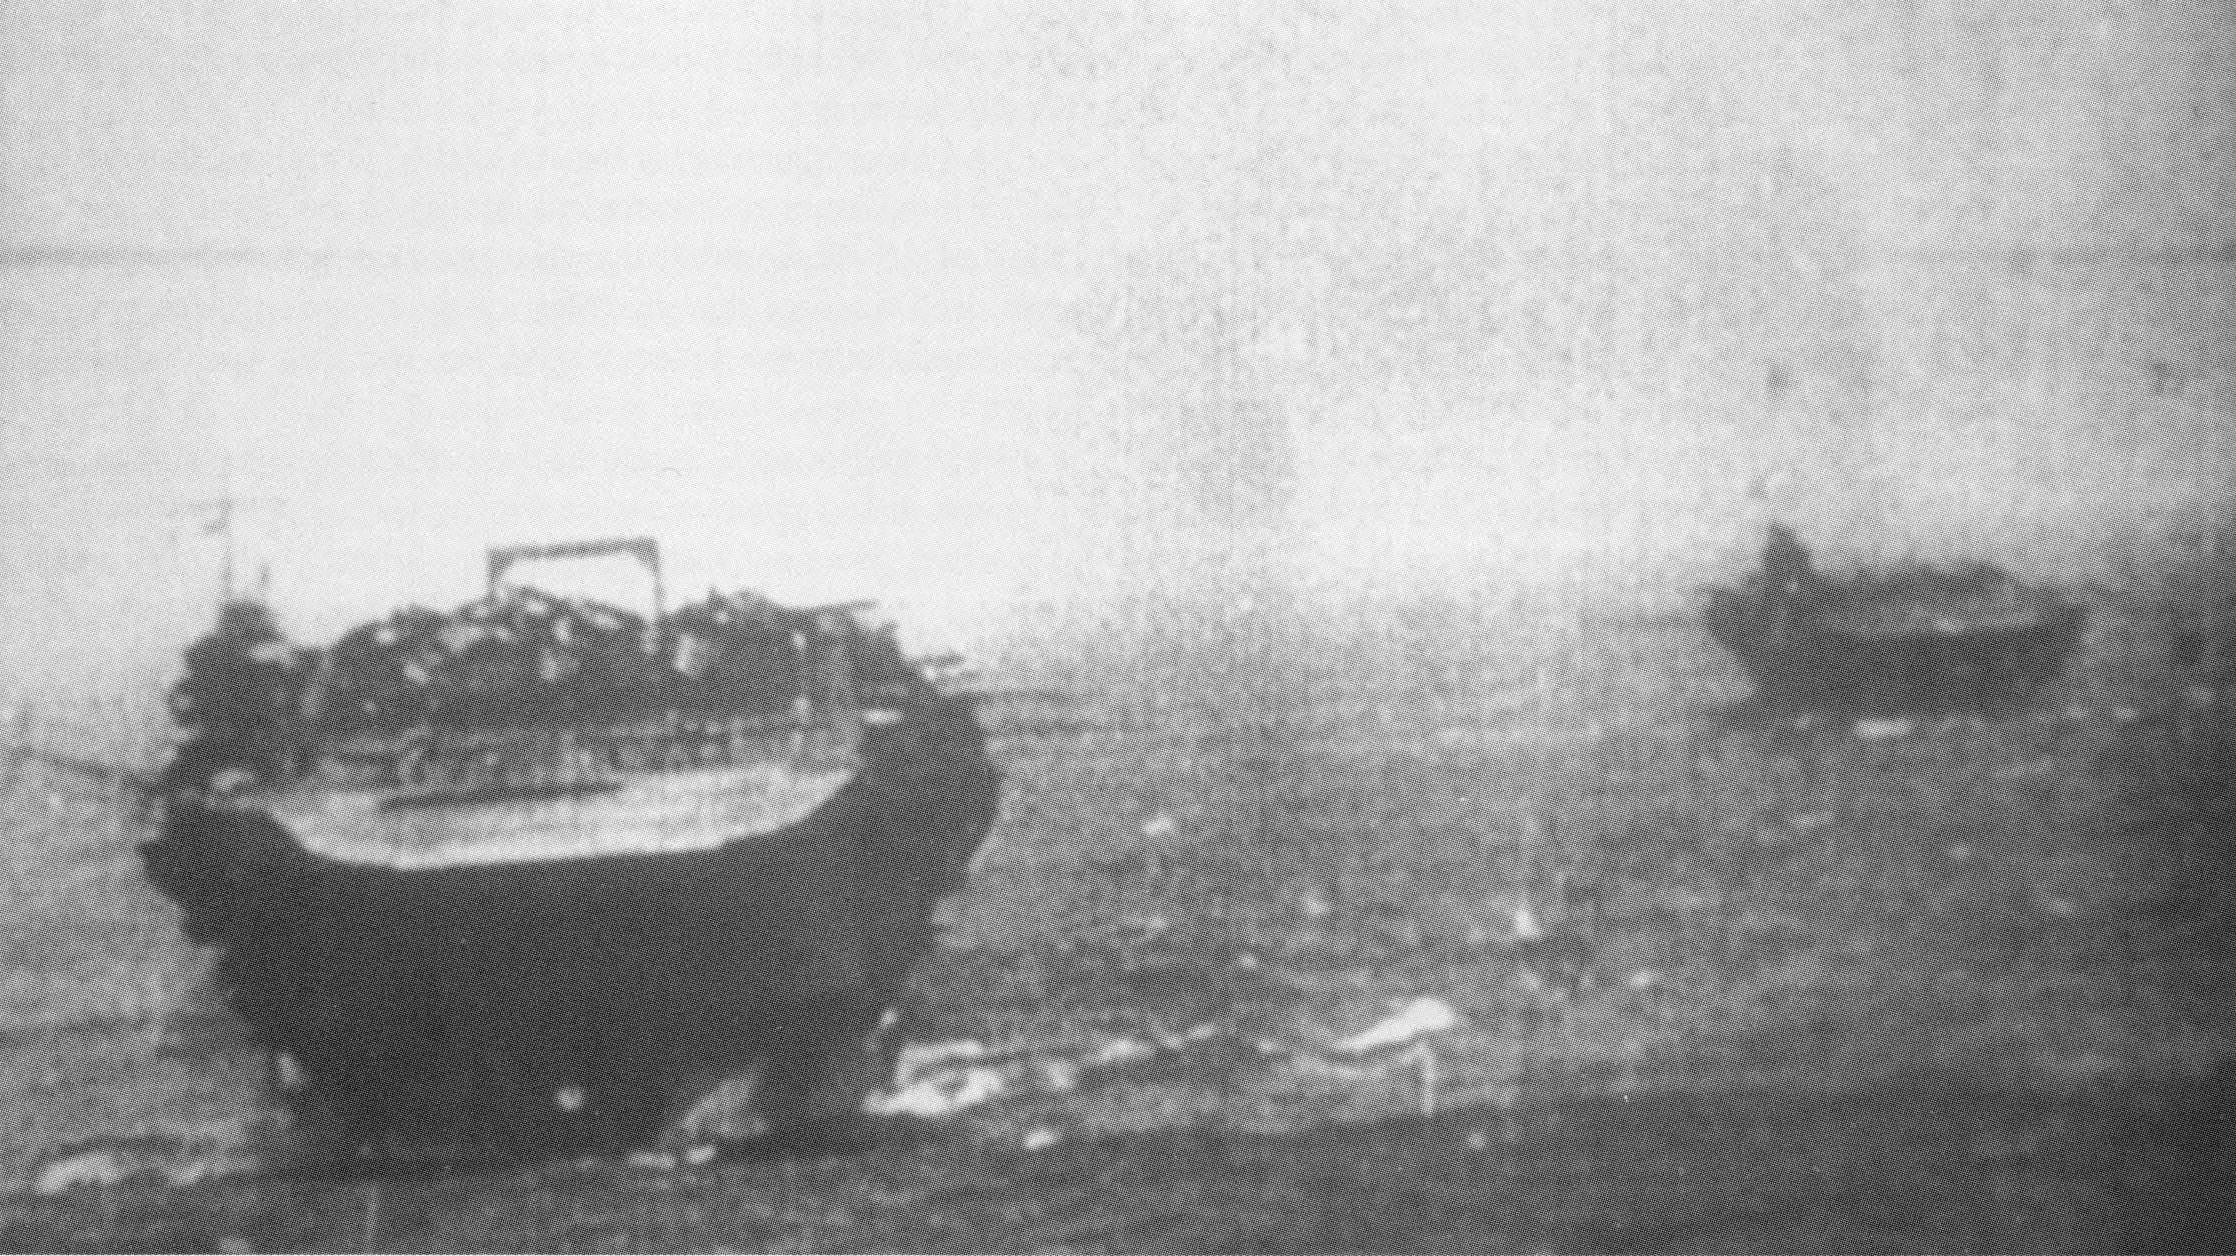 は真珠湾攻撃での日本空母「加賀」と「瑞鶴」